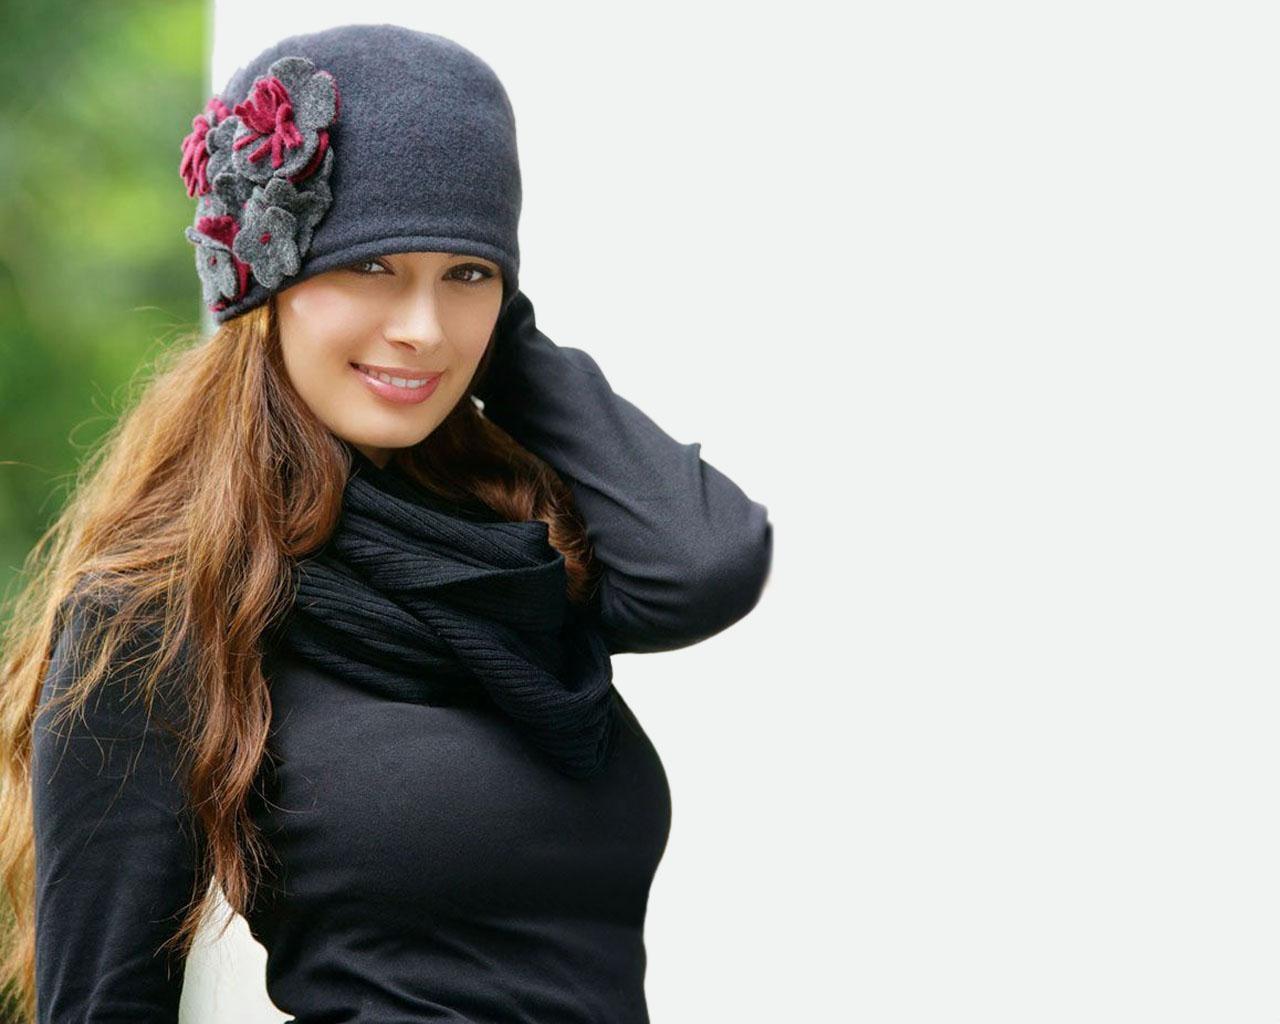 http://1.bp.blogspot.com/-h6i9aCLMN4I/UBjWl3hxALI/AAAAAAAAMnM/lmtmtbf0TZQ/s1600/Evelyn+Sharma+1.jpg